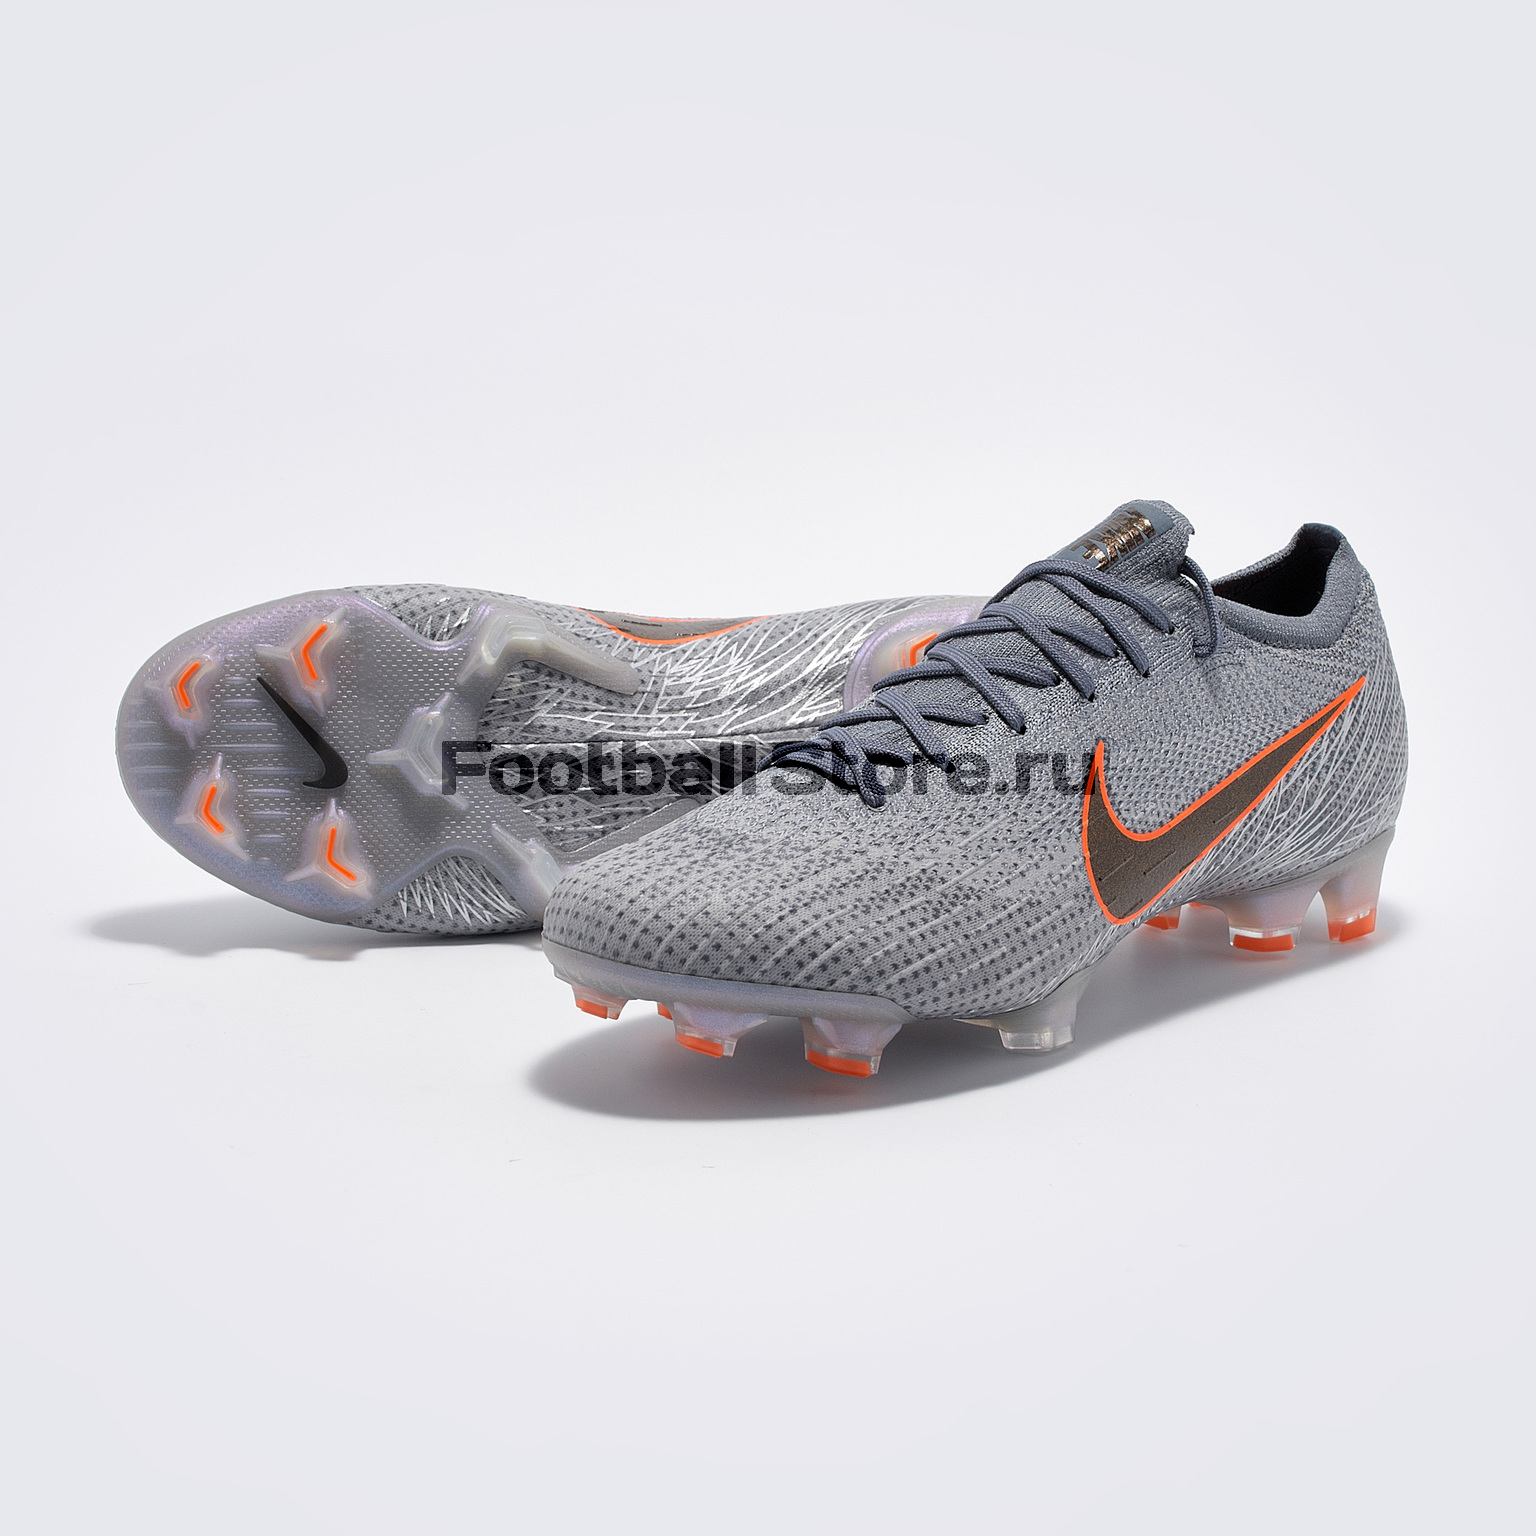 Бутсы Nike Vapor 12 Elite FG AH7380-008 цена